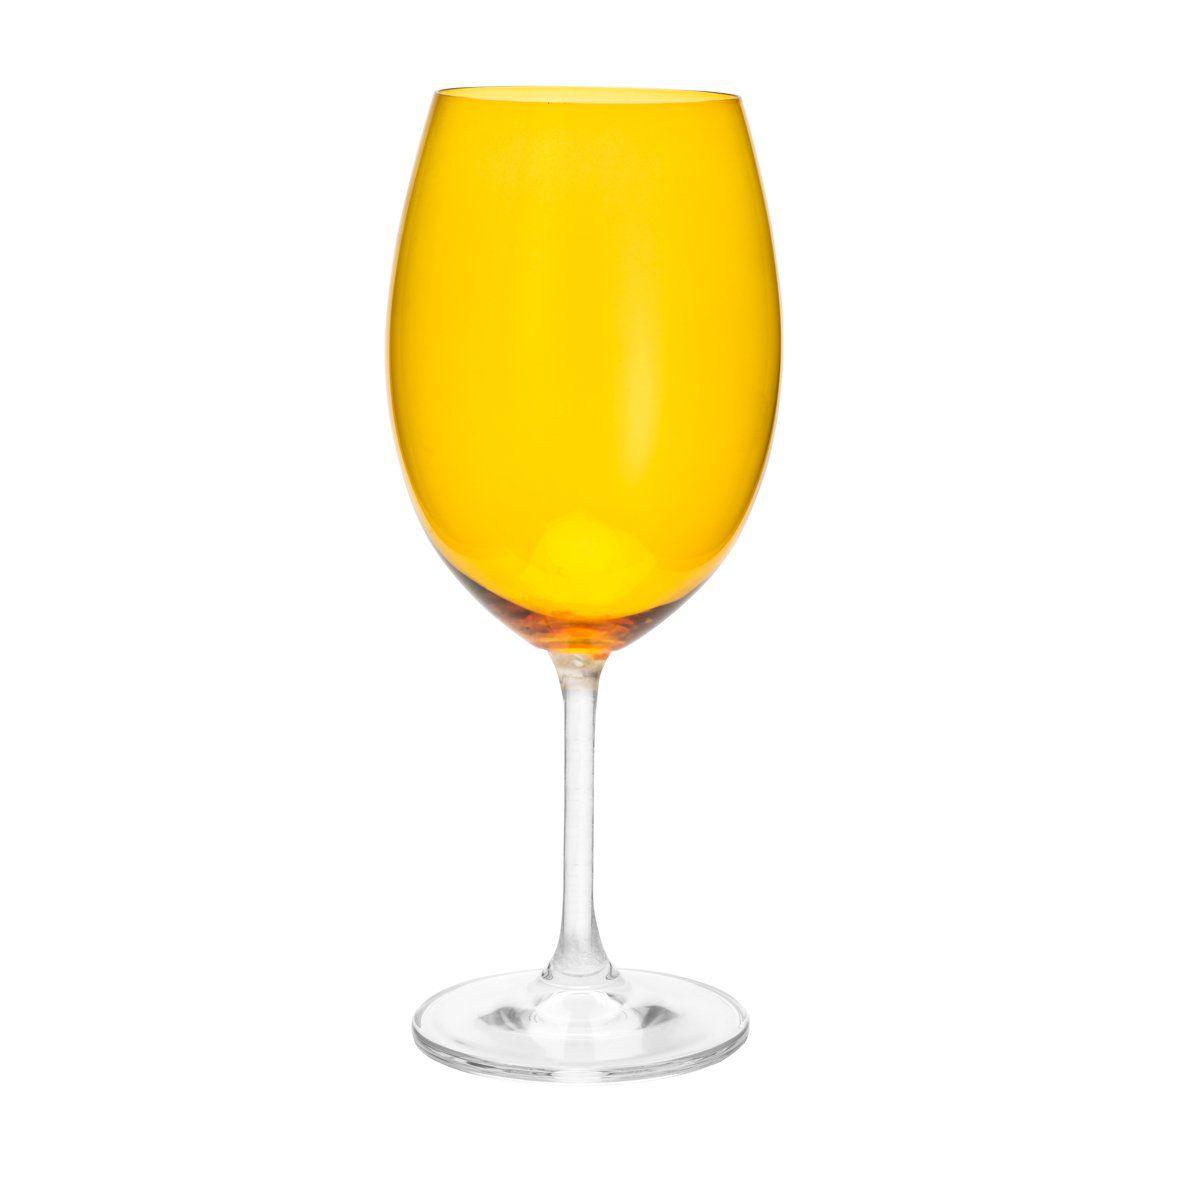 Jogo 6 taças 580ml para água de cristal ecológico âmbar Gastro/Colibri Bohemia - 35038